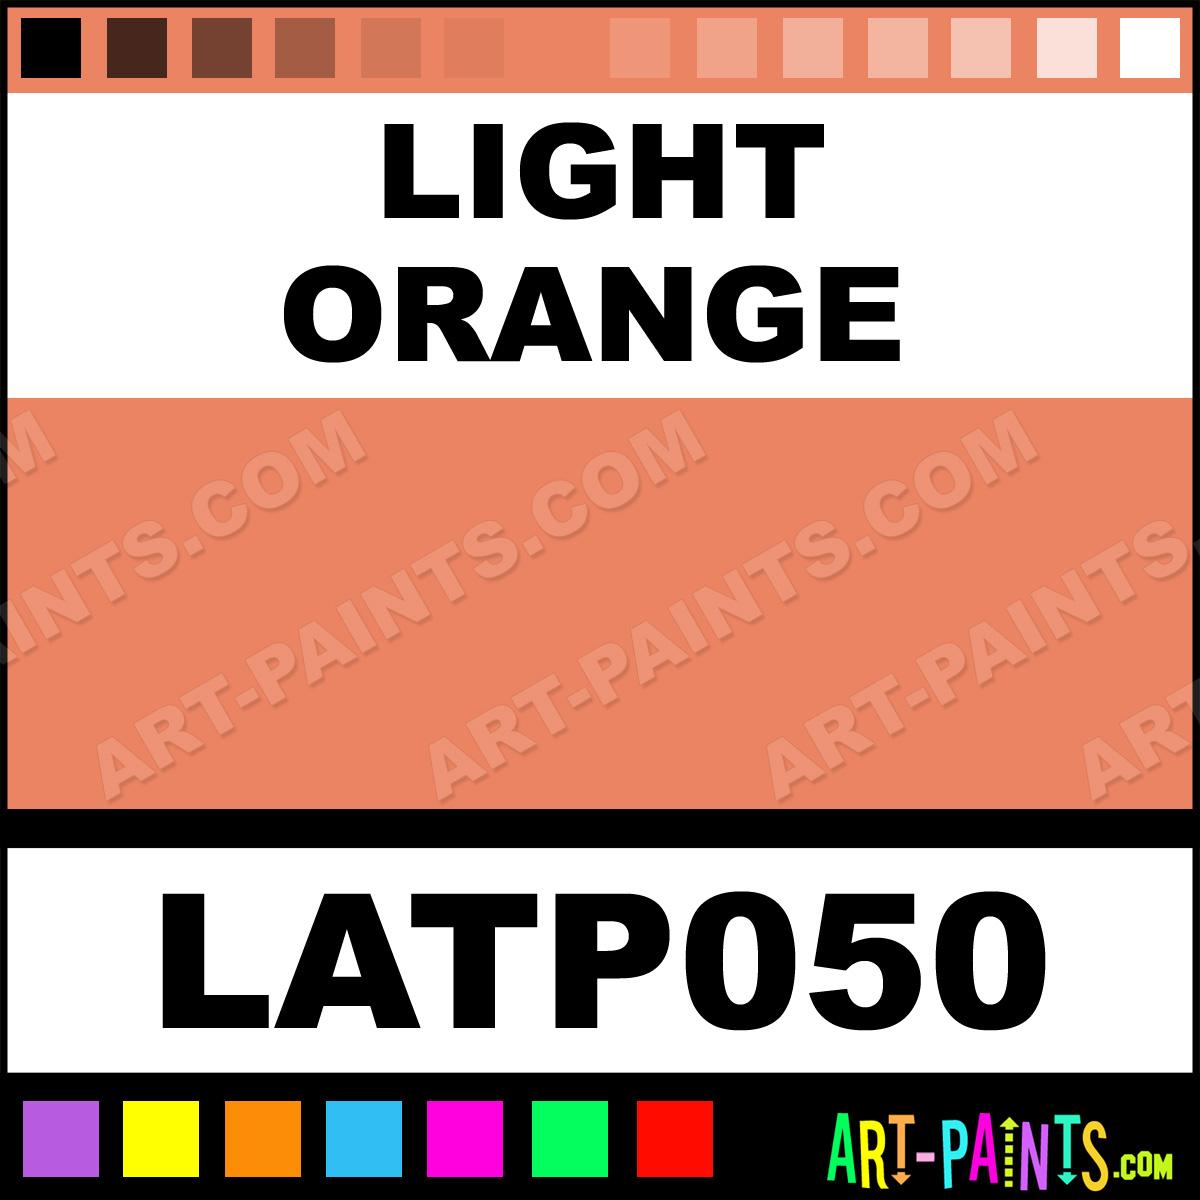 Pale Orange Paint Simple Of Light Orange Oil Pastel Paints  LATP050  Light Orange Paint, Light  Image